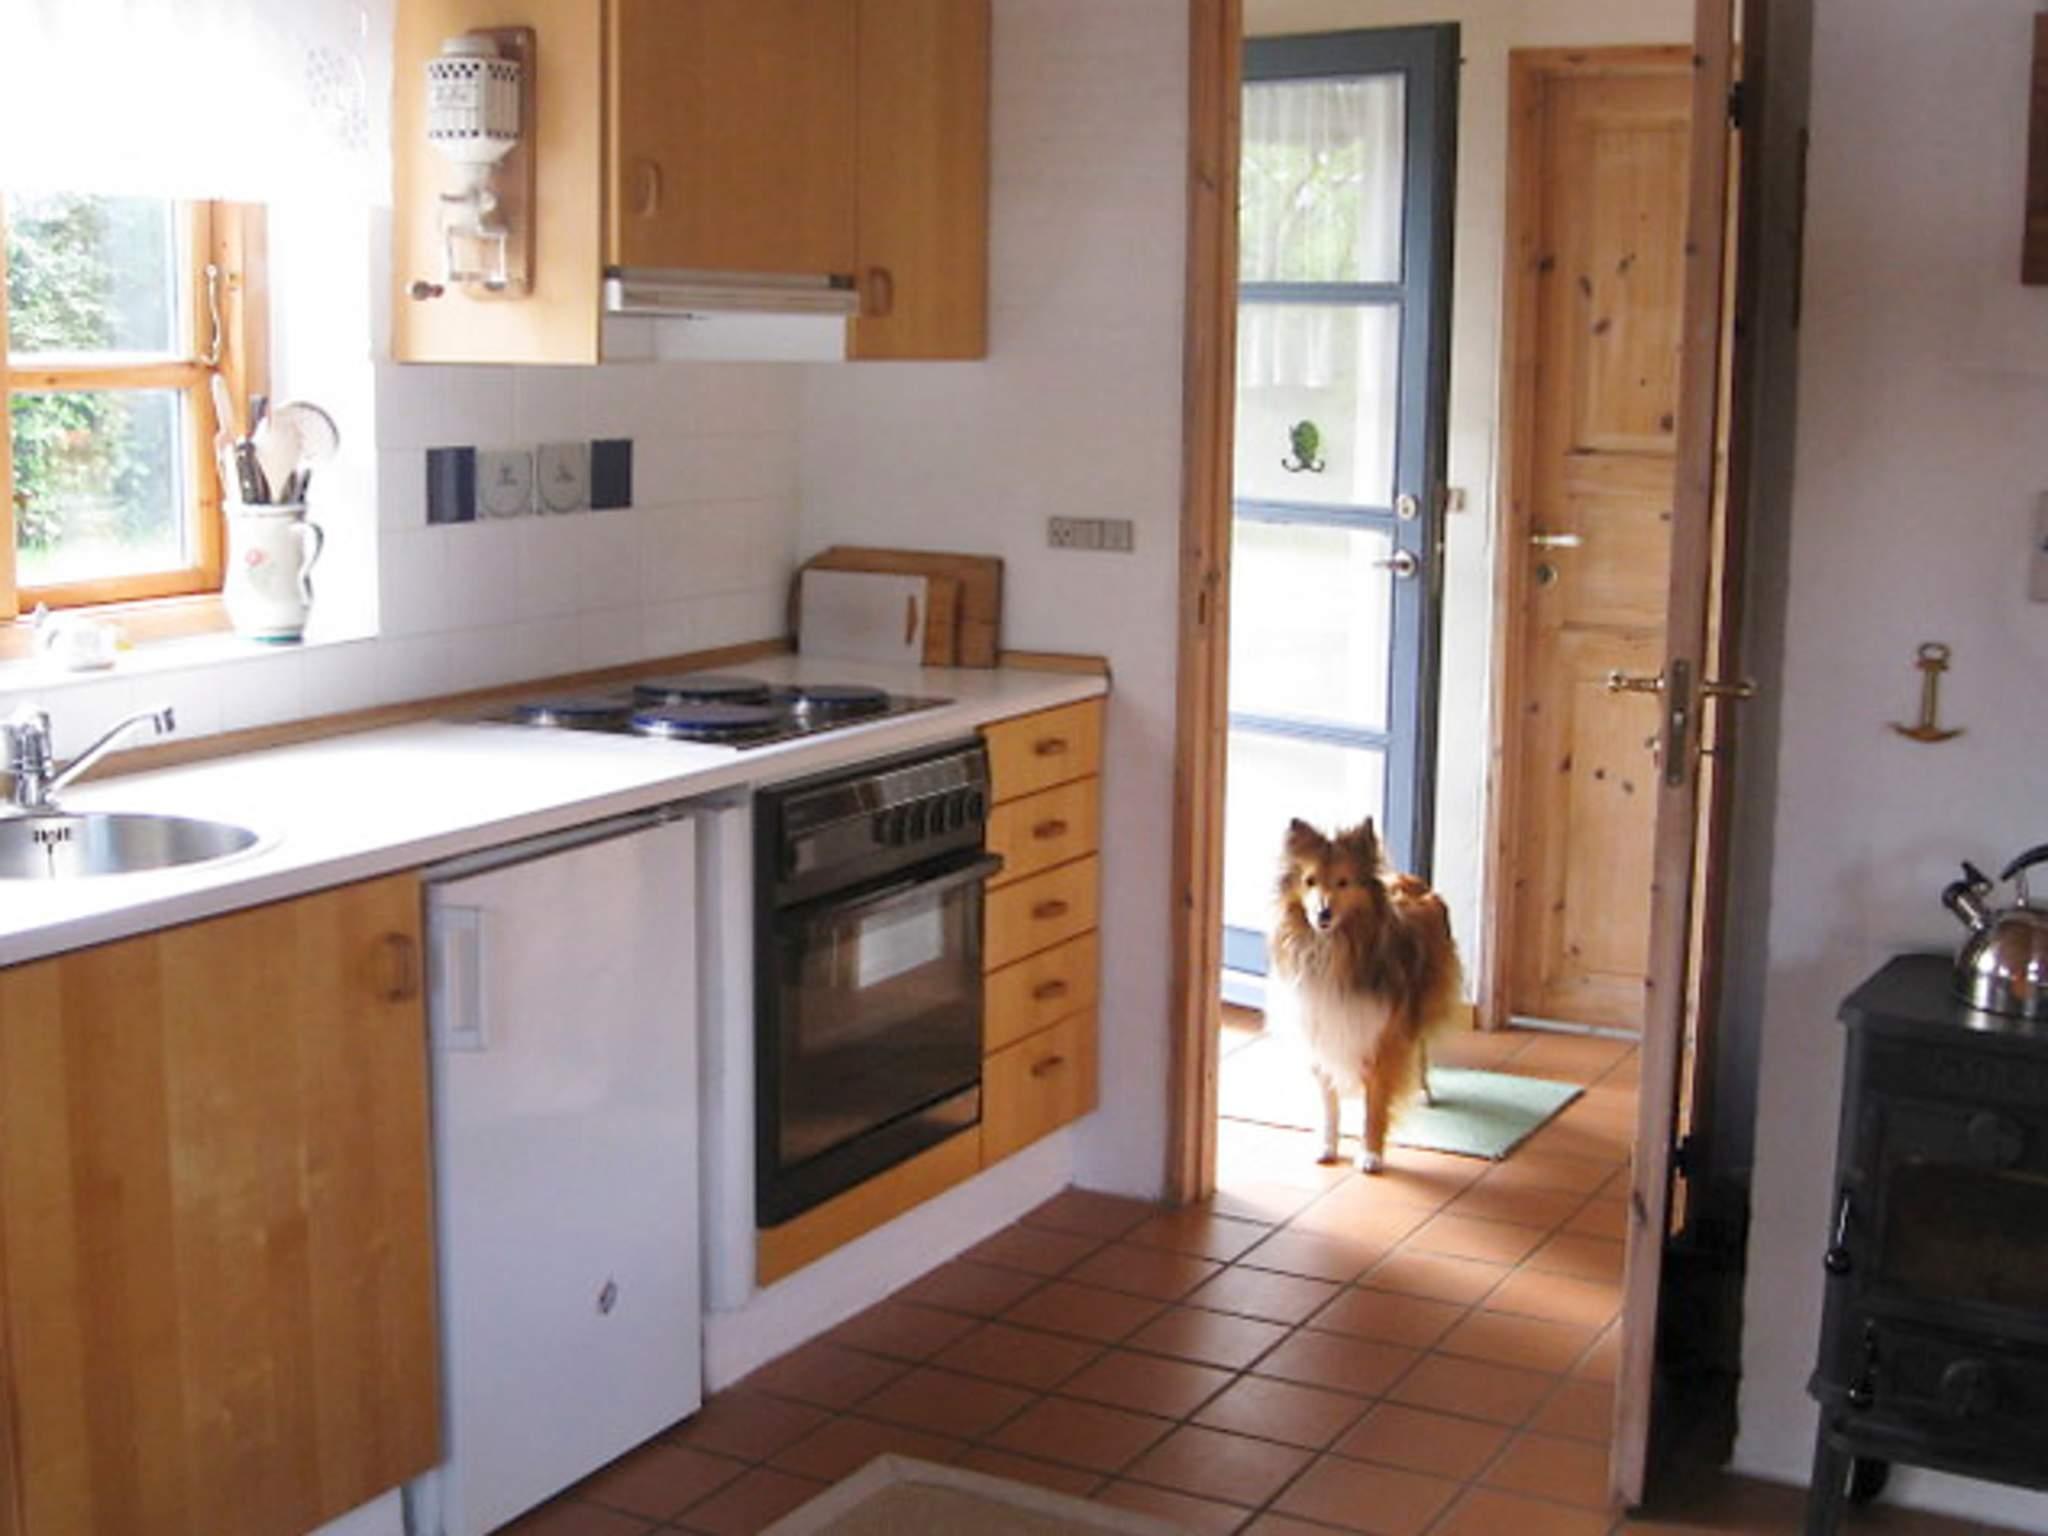 Ferienhaus St. Darum (306951), Bramming, , Südjütland, Dänemark, Bild 6